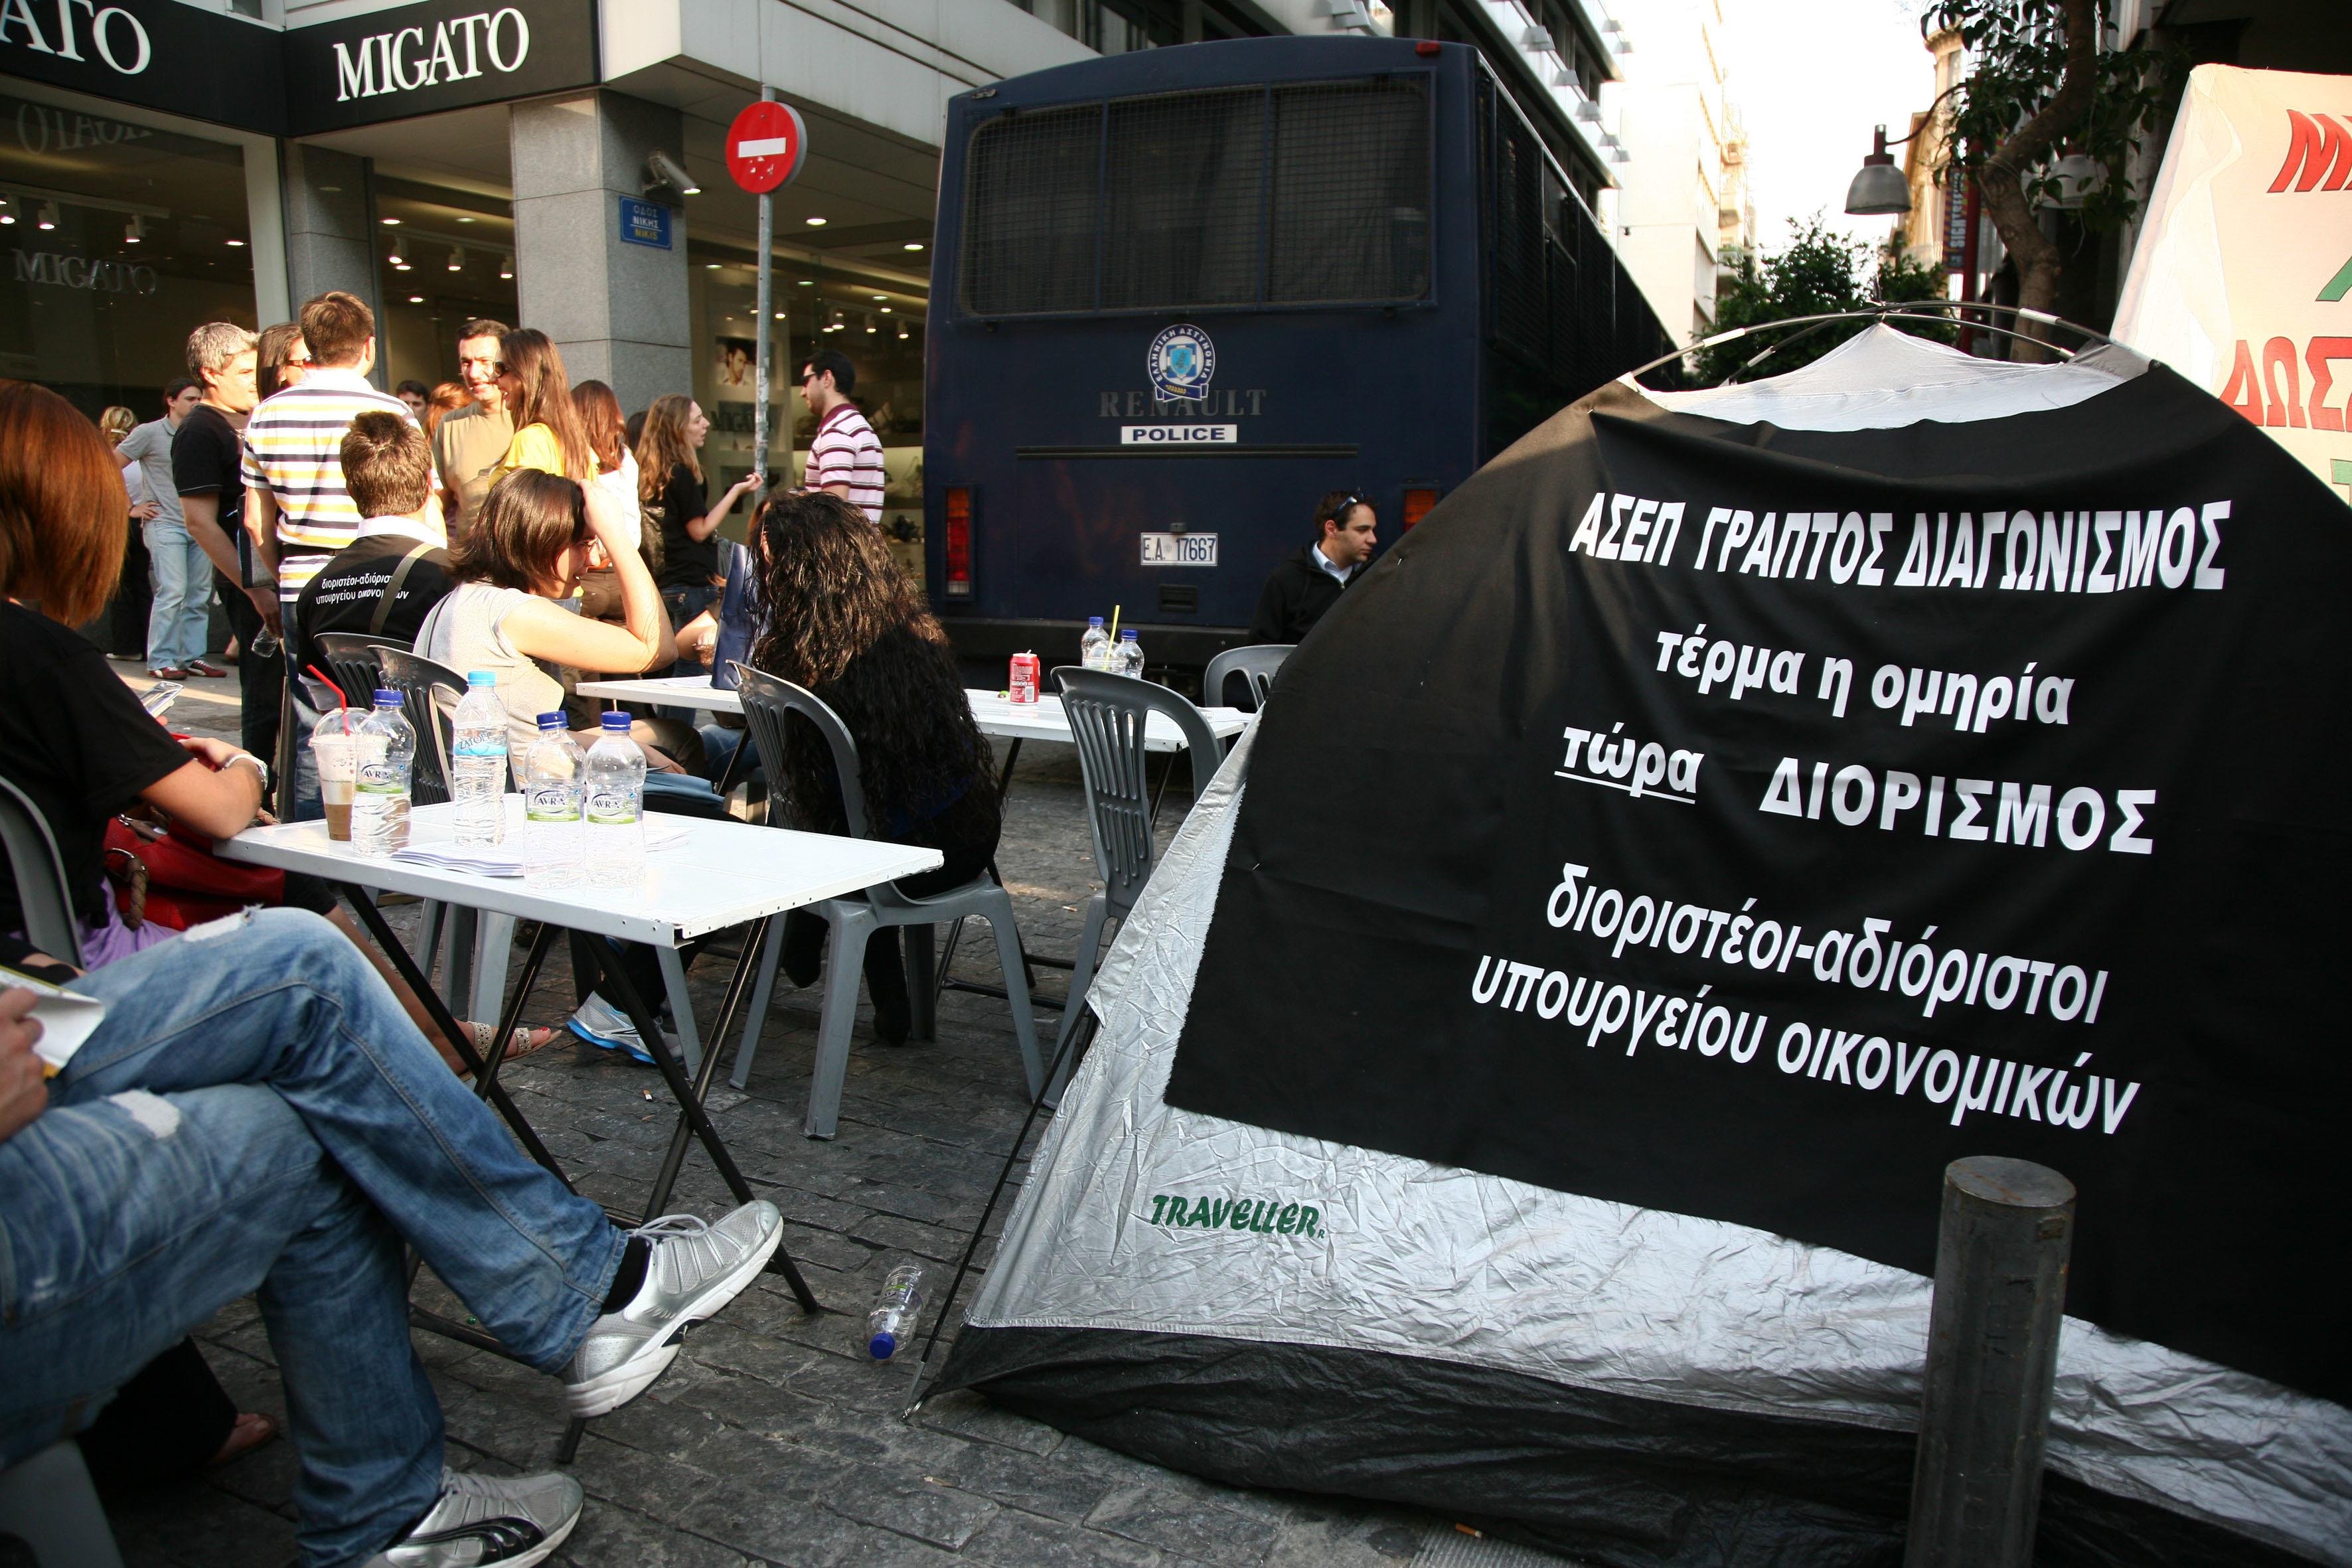 Ο ΑΣΕΠ κατηγορεί την κυβέρνηση για 55.000 ρουσφετολογικές προσλήψεις